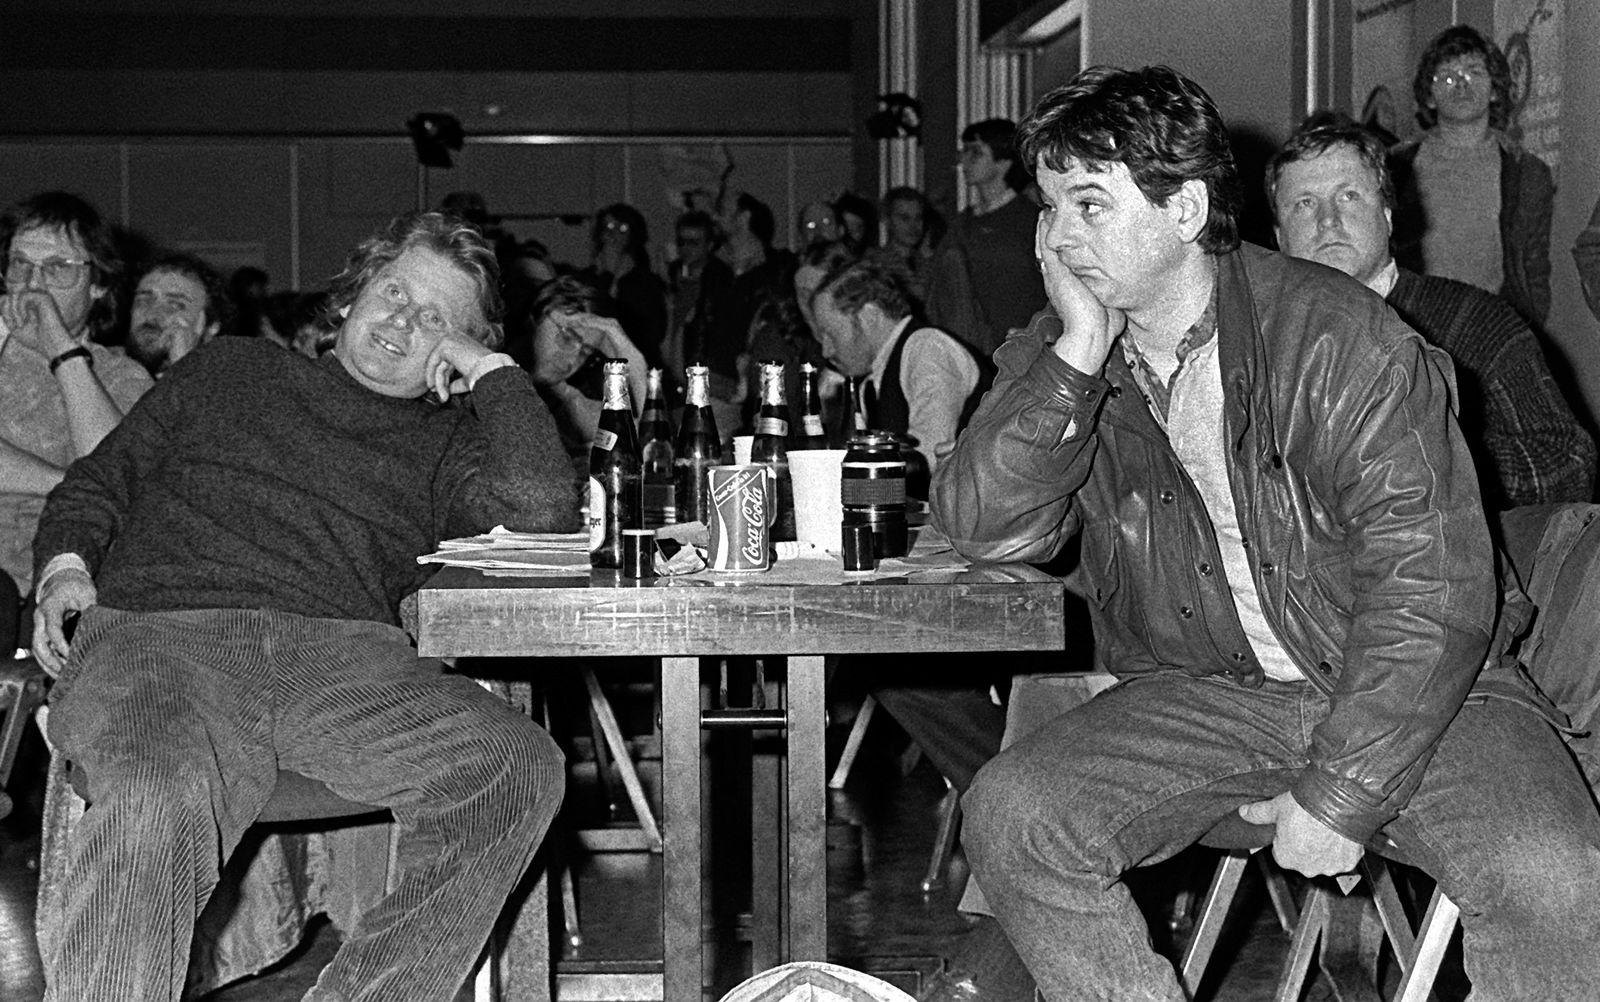 Cohn-Bendit / Joschka Fischer / 68er Bewegung